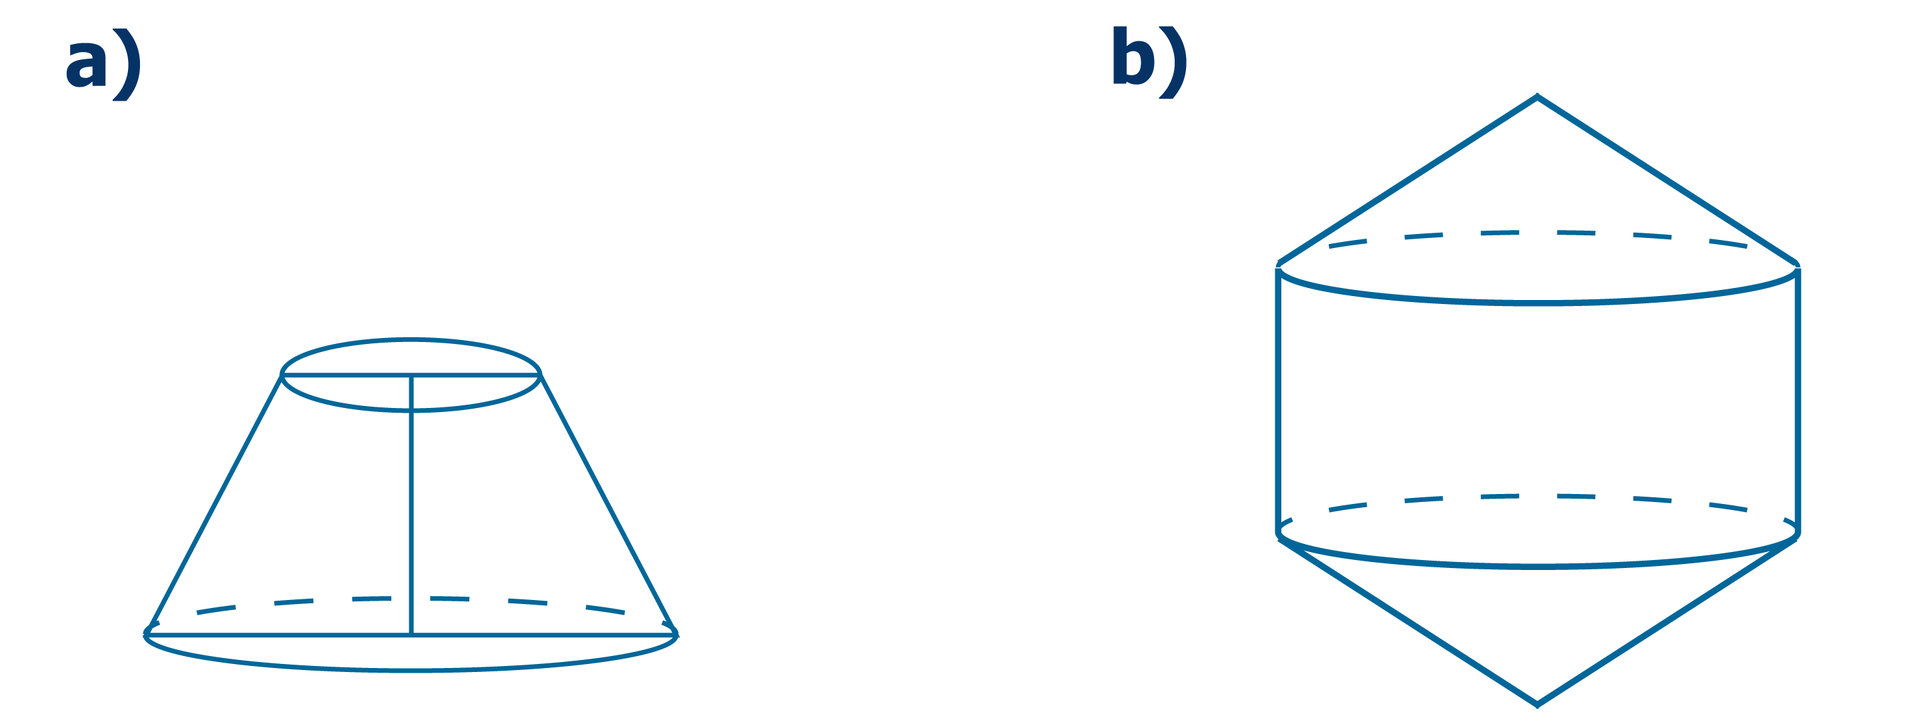 Rysunki dwóch brył obrotowych. Pierwsza bryła to stożek ścięty. Druga bryła to dwa stożki ścięte połączone podstawami. Rozwiązanie zadania.